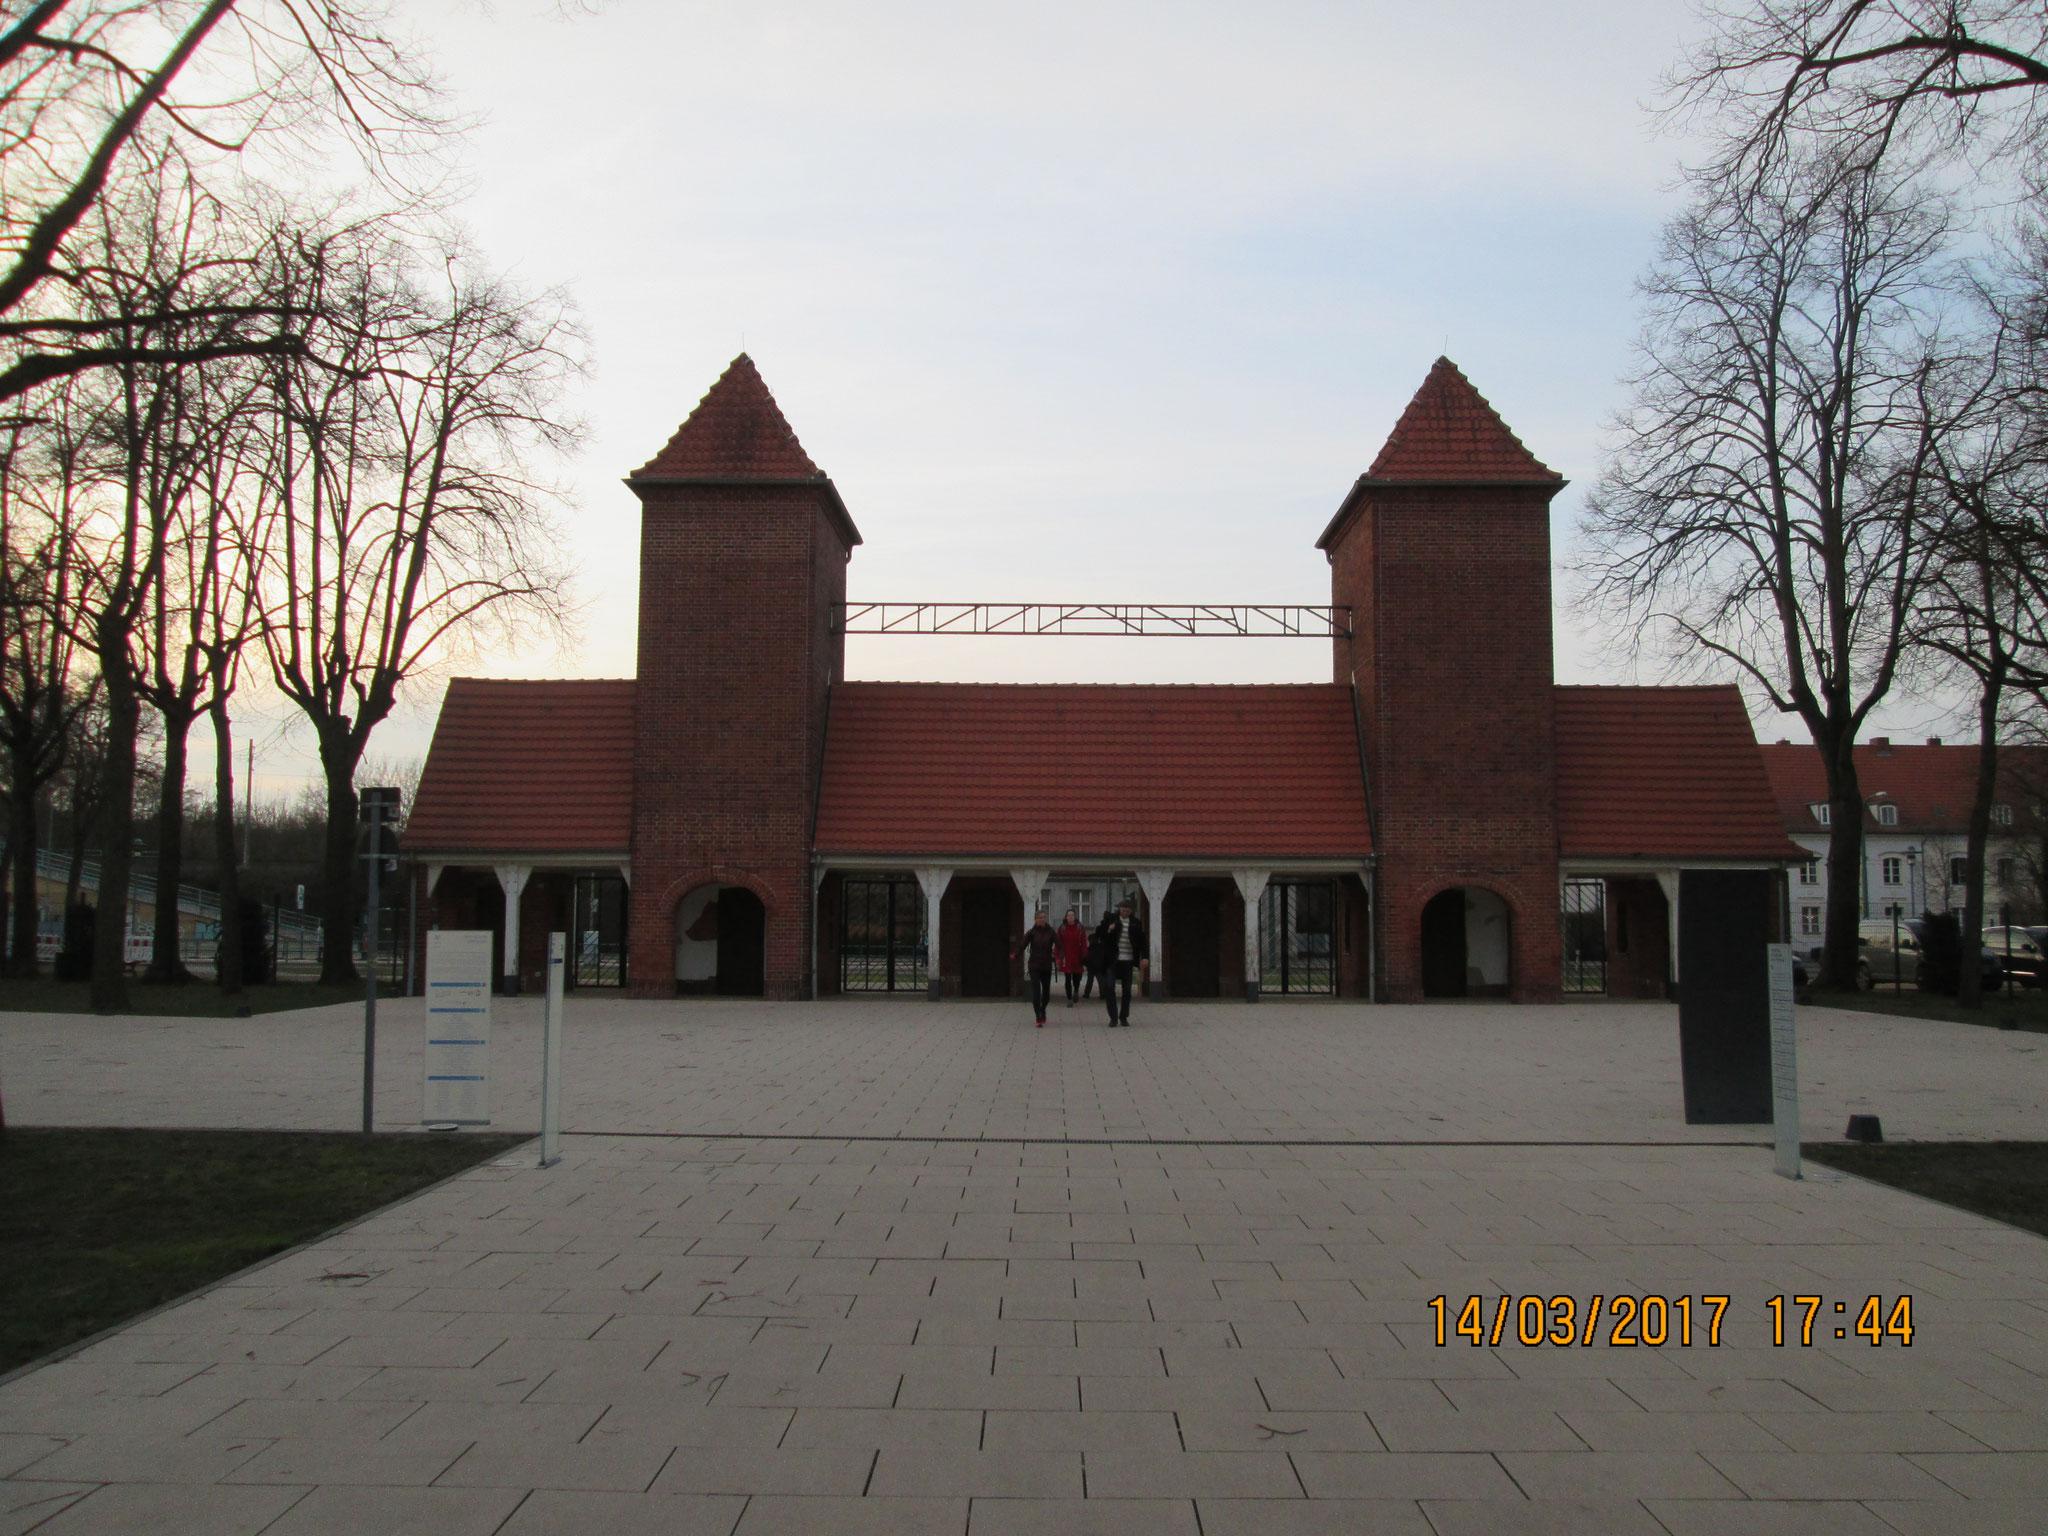 Historischer Eingang zum Olympiagelände